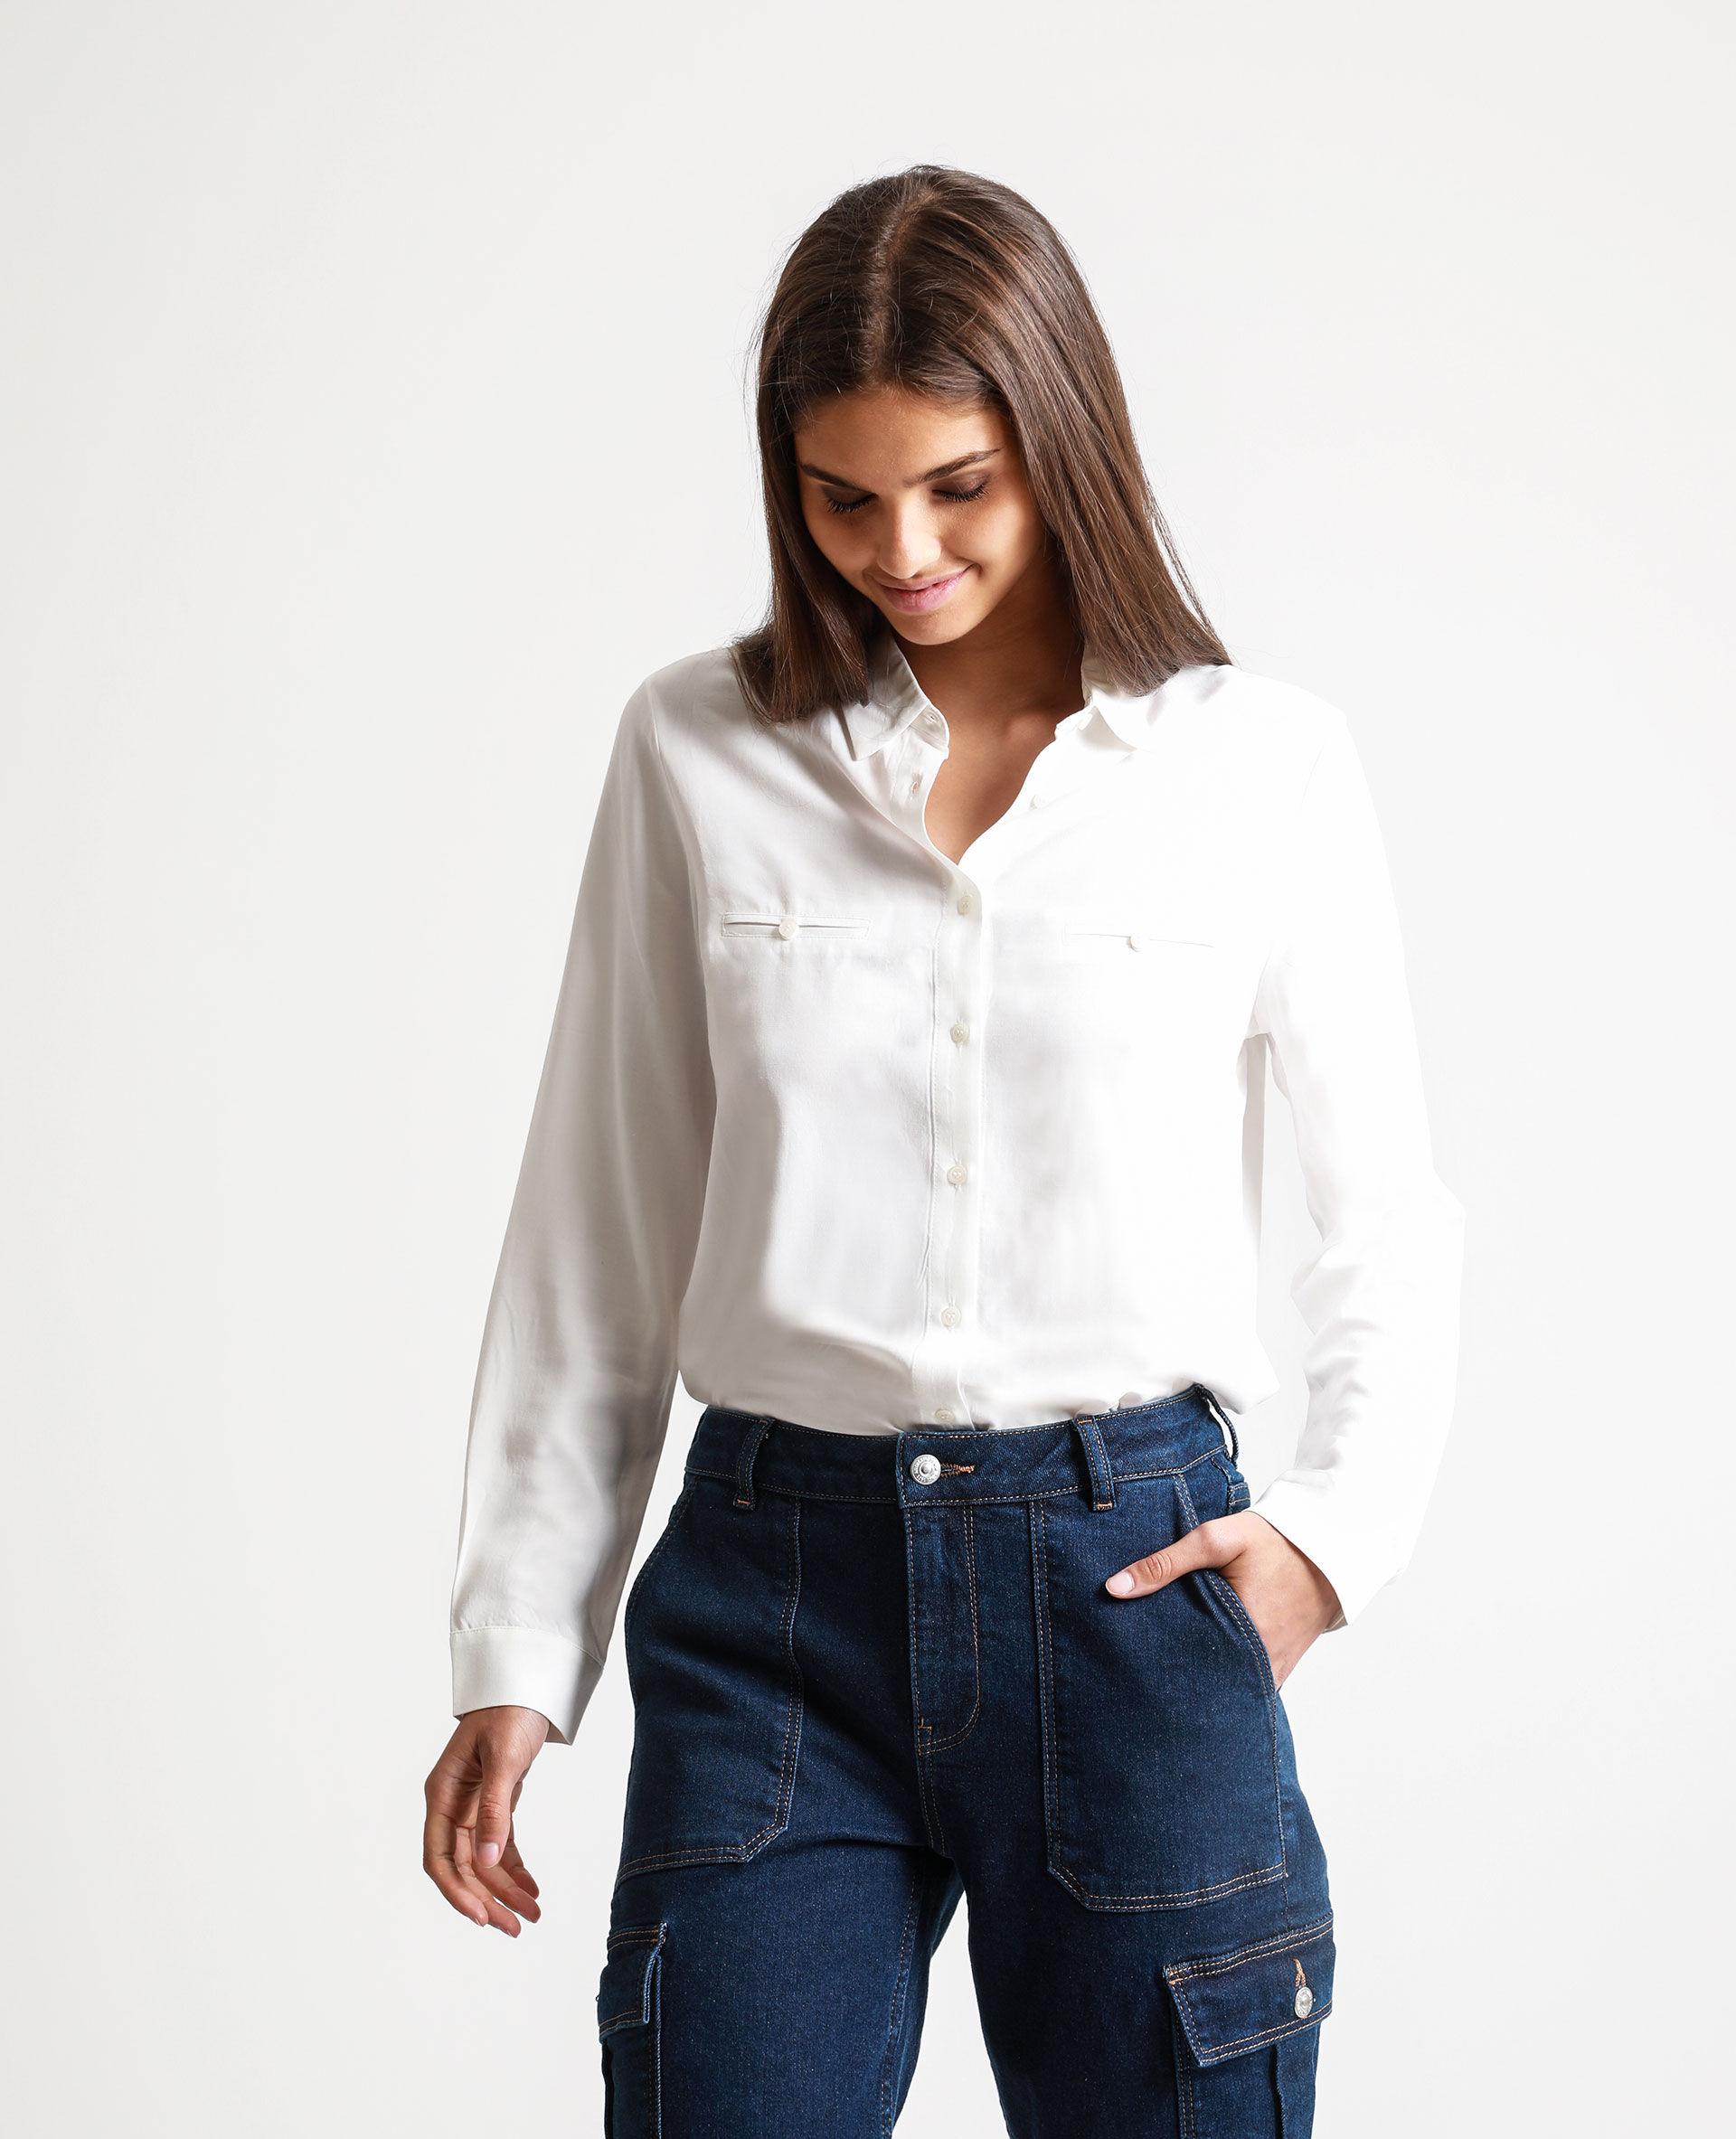 Chemise boutonnée Femme - Couleur blanc cassé - Taille 44 - PIMKIE - MODE FEMME